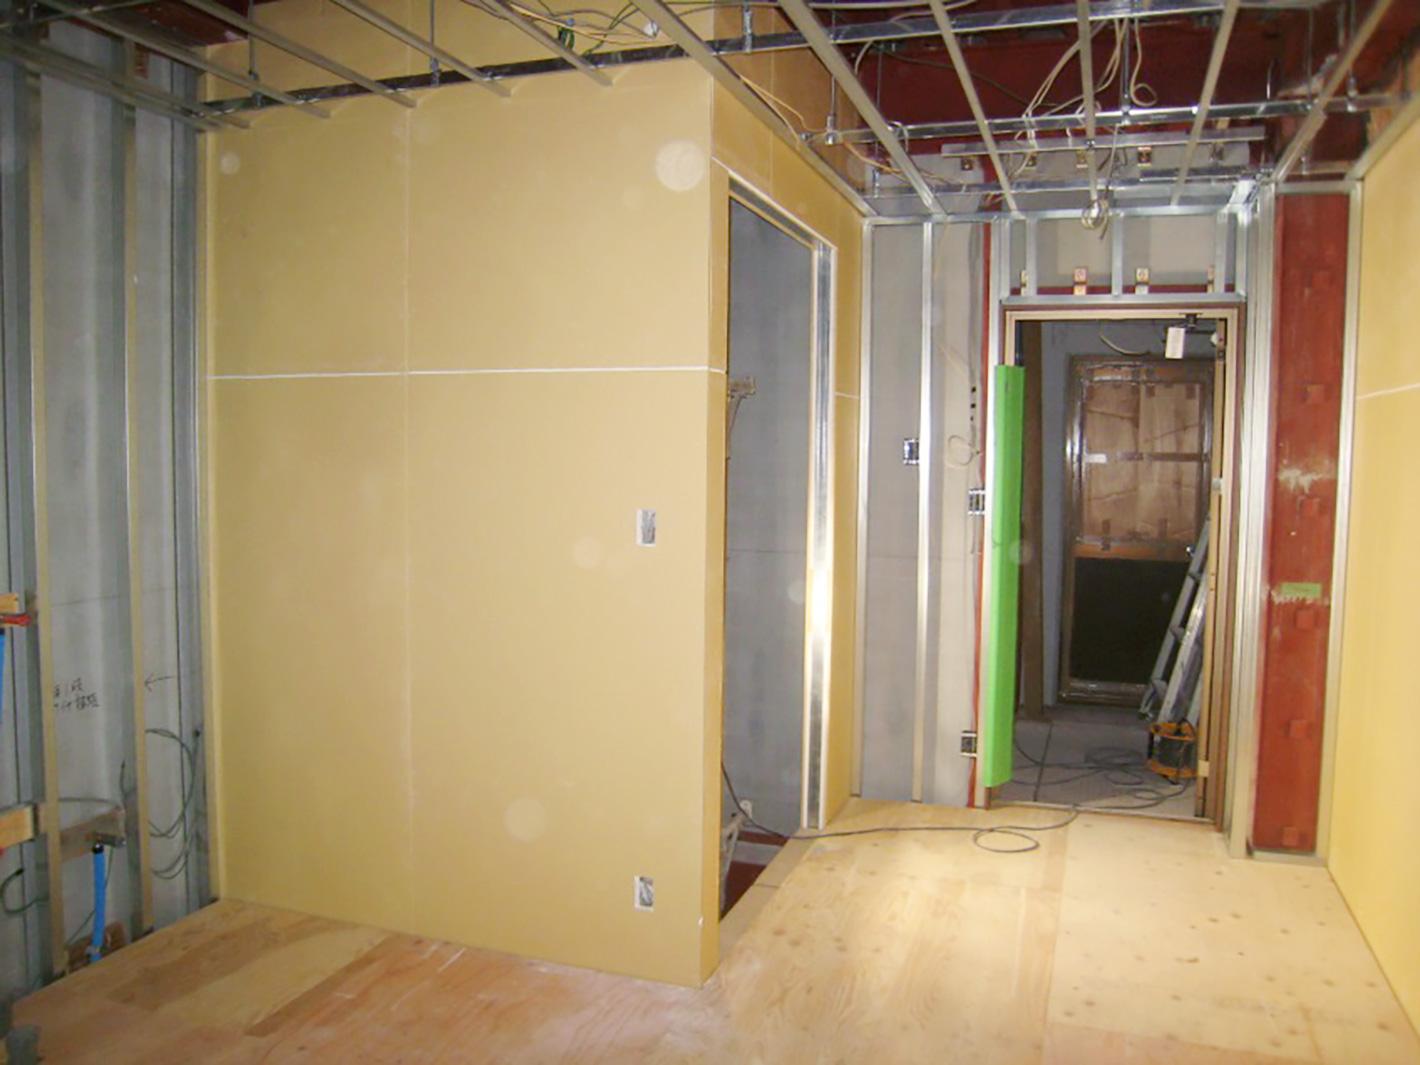 屋内エレベーターも設置中 - 鉄骨造りの家